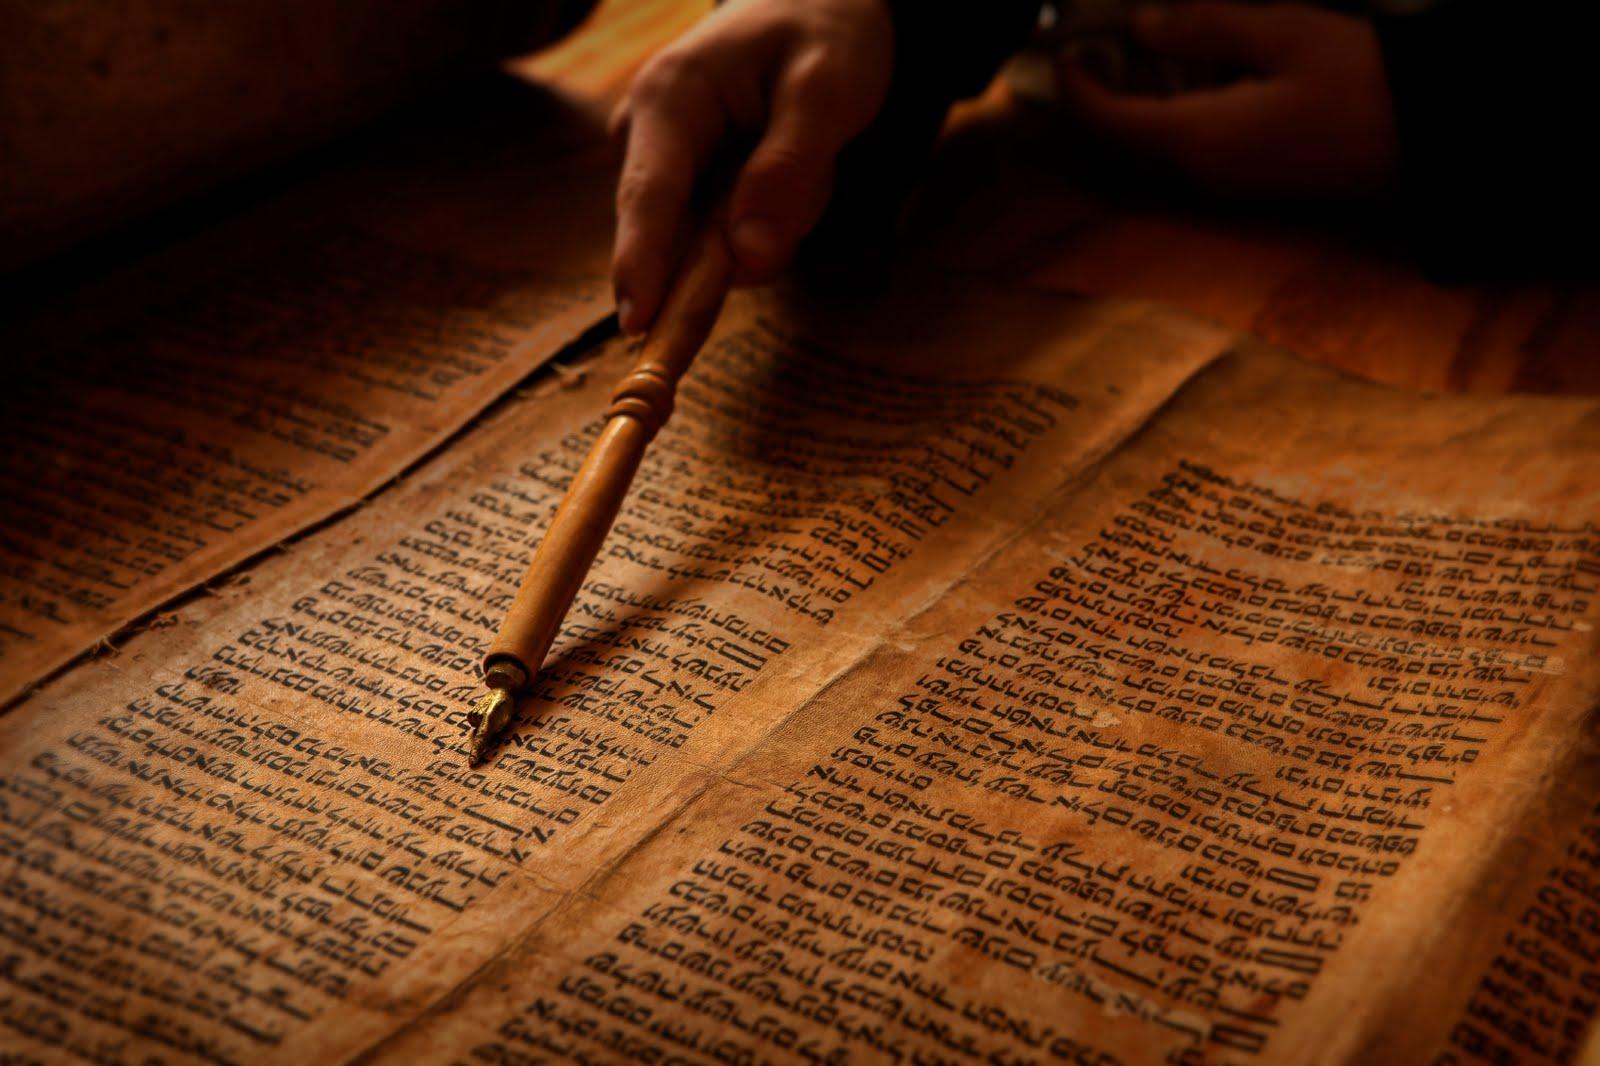 Суть числа в Библии. Числовая закономерность.